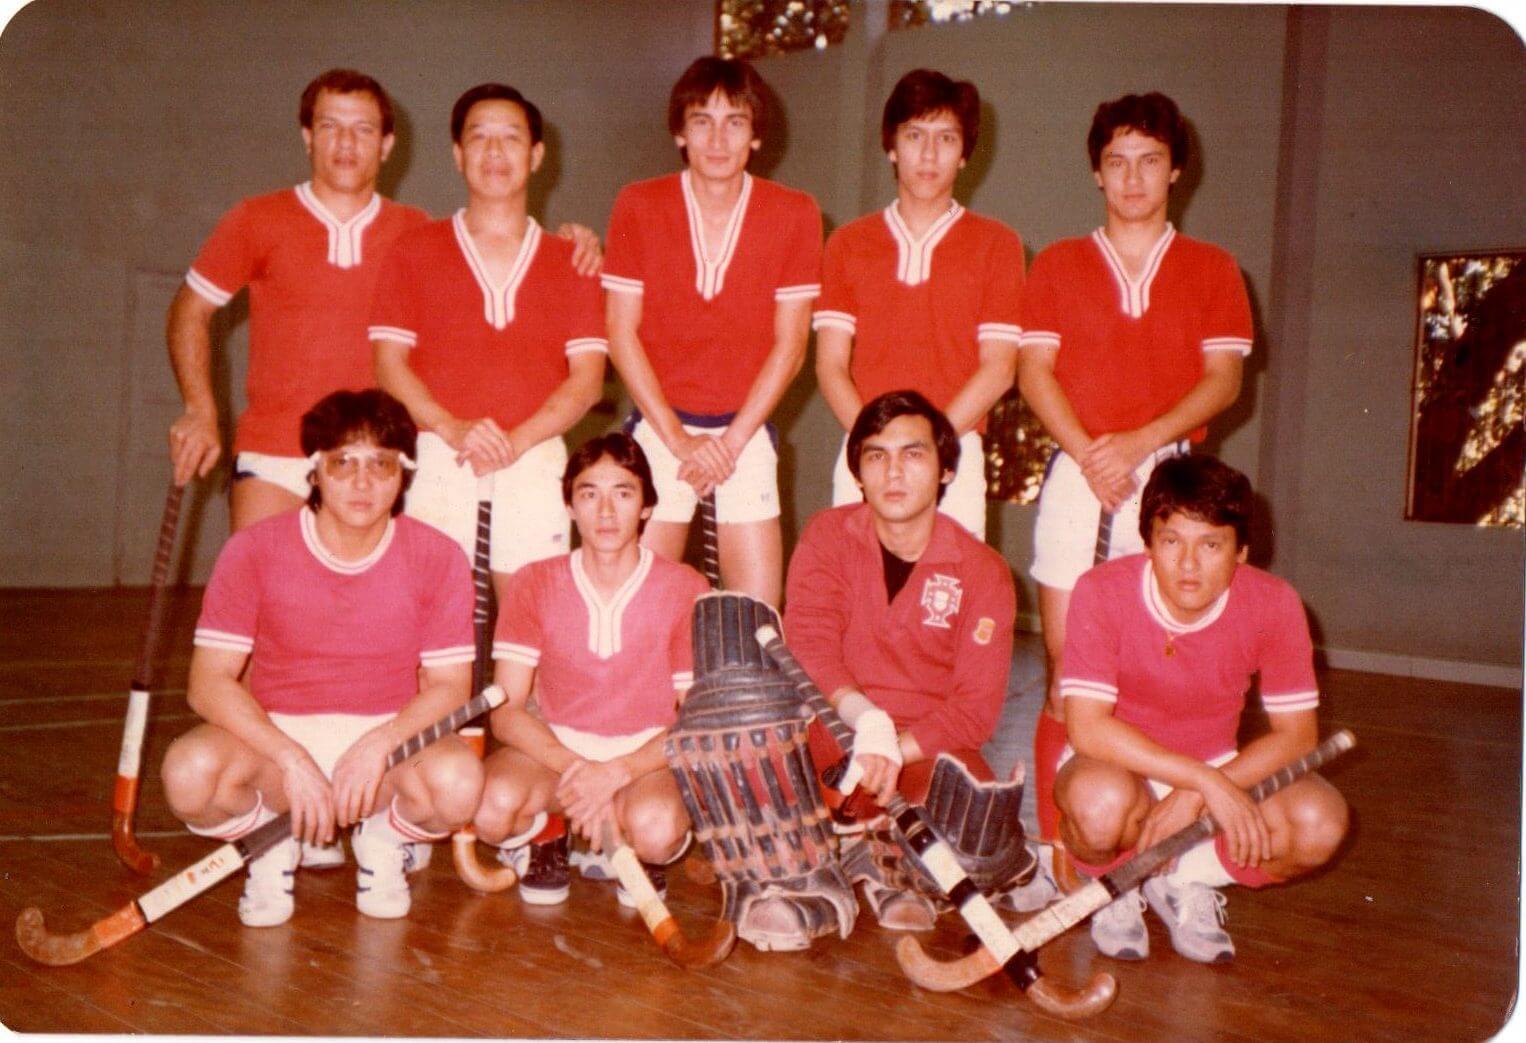 Foto Tirada em Dezembro de 1986